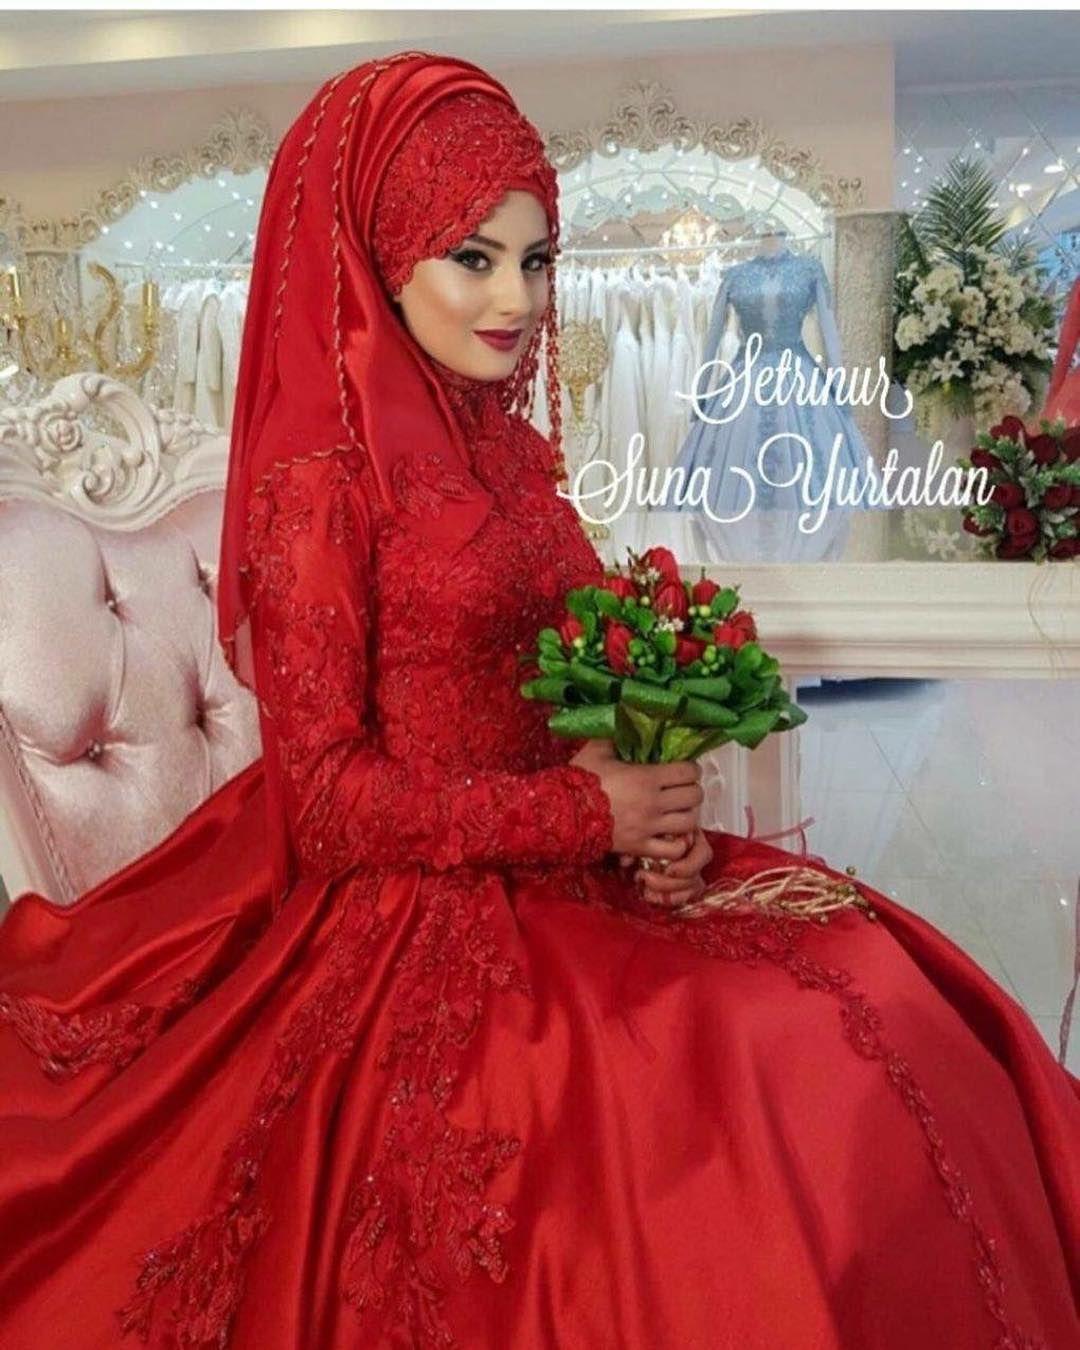 Tesettur Kirmizi Nisanlik Modelleri 2018 Kirmizi Nisanlik Modellerine Baktigimizda Ozellikle Kabarik Etekler Muslim Wedding Gown Hijab Wedding Dresses Dresses